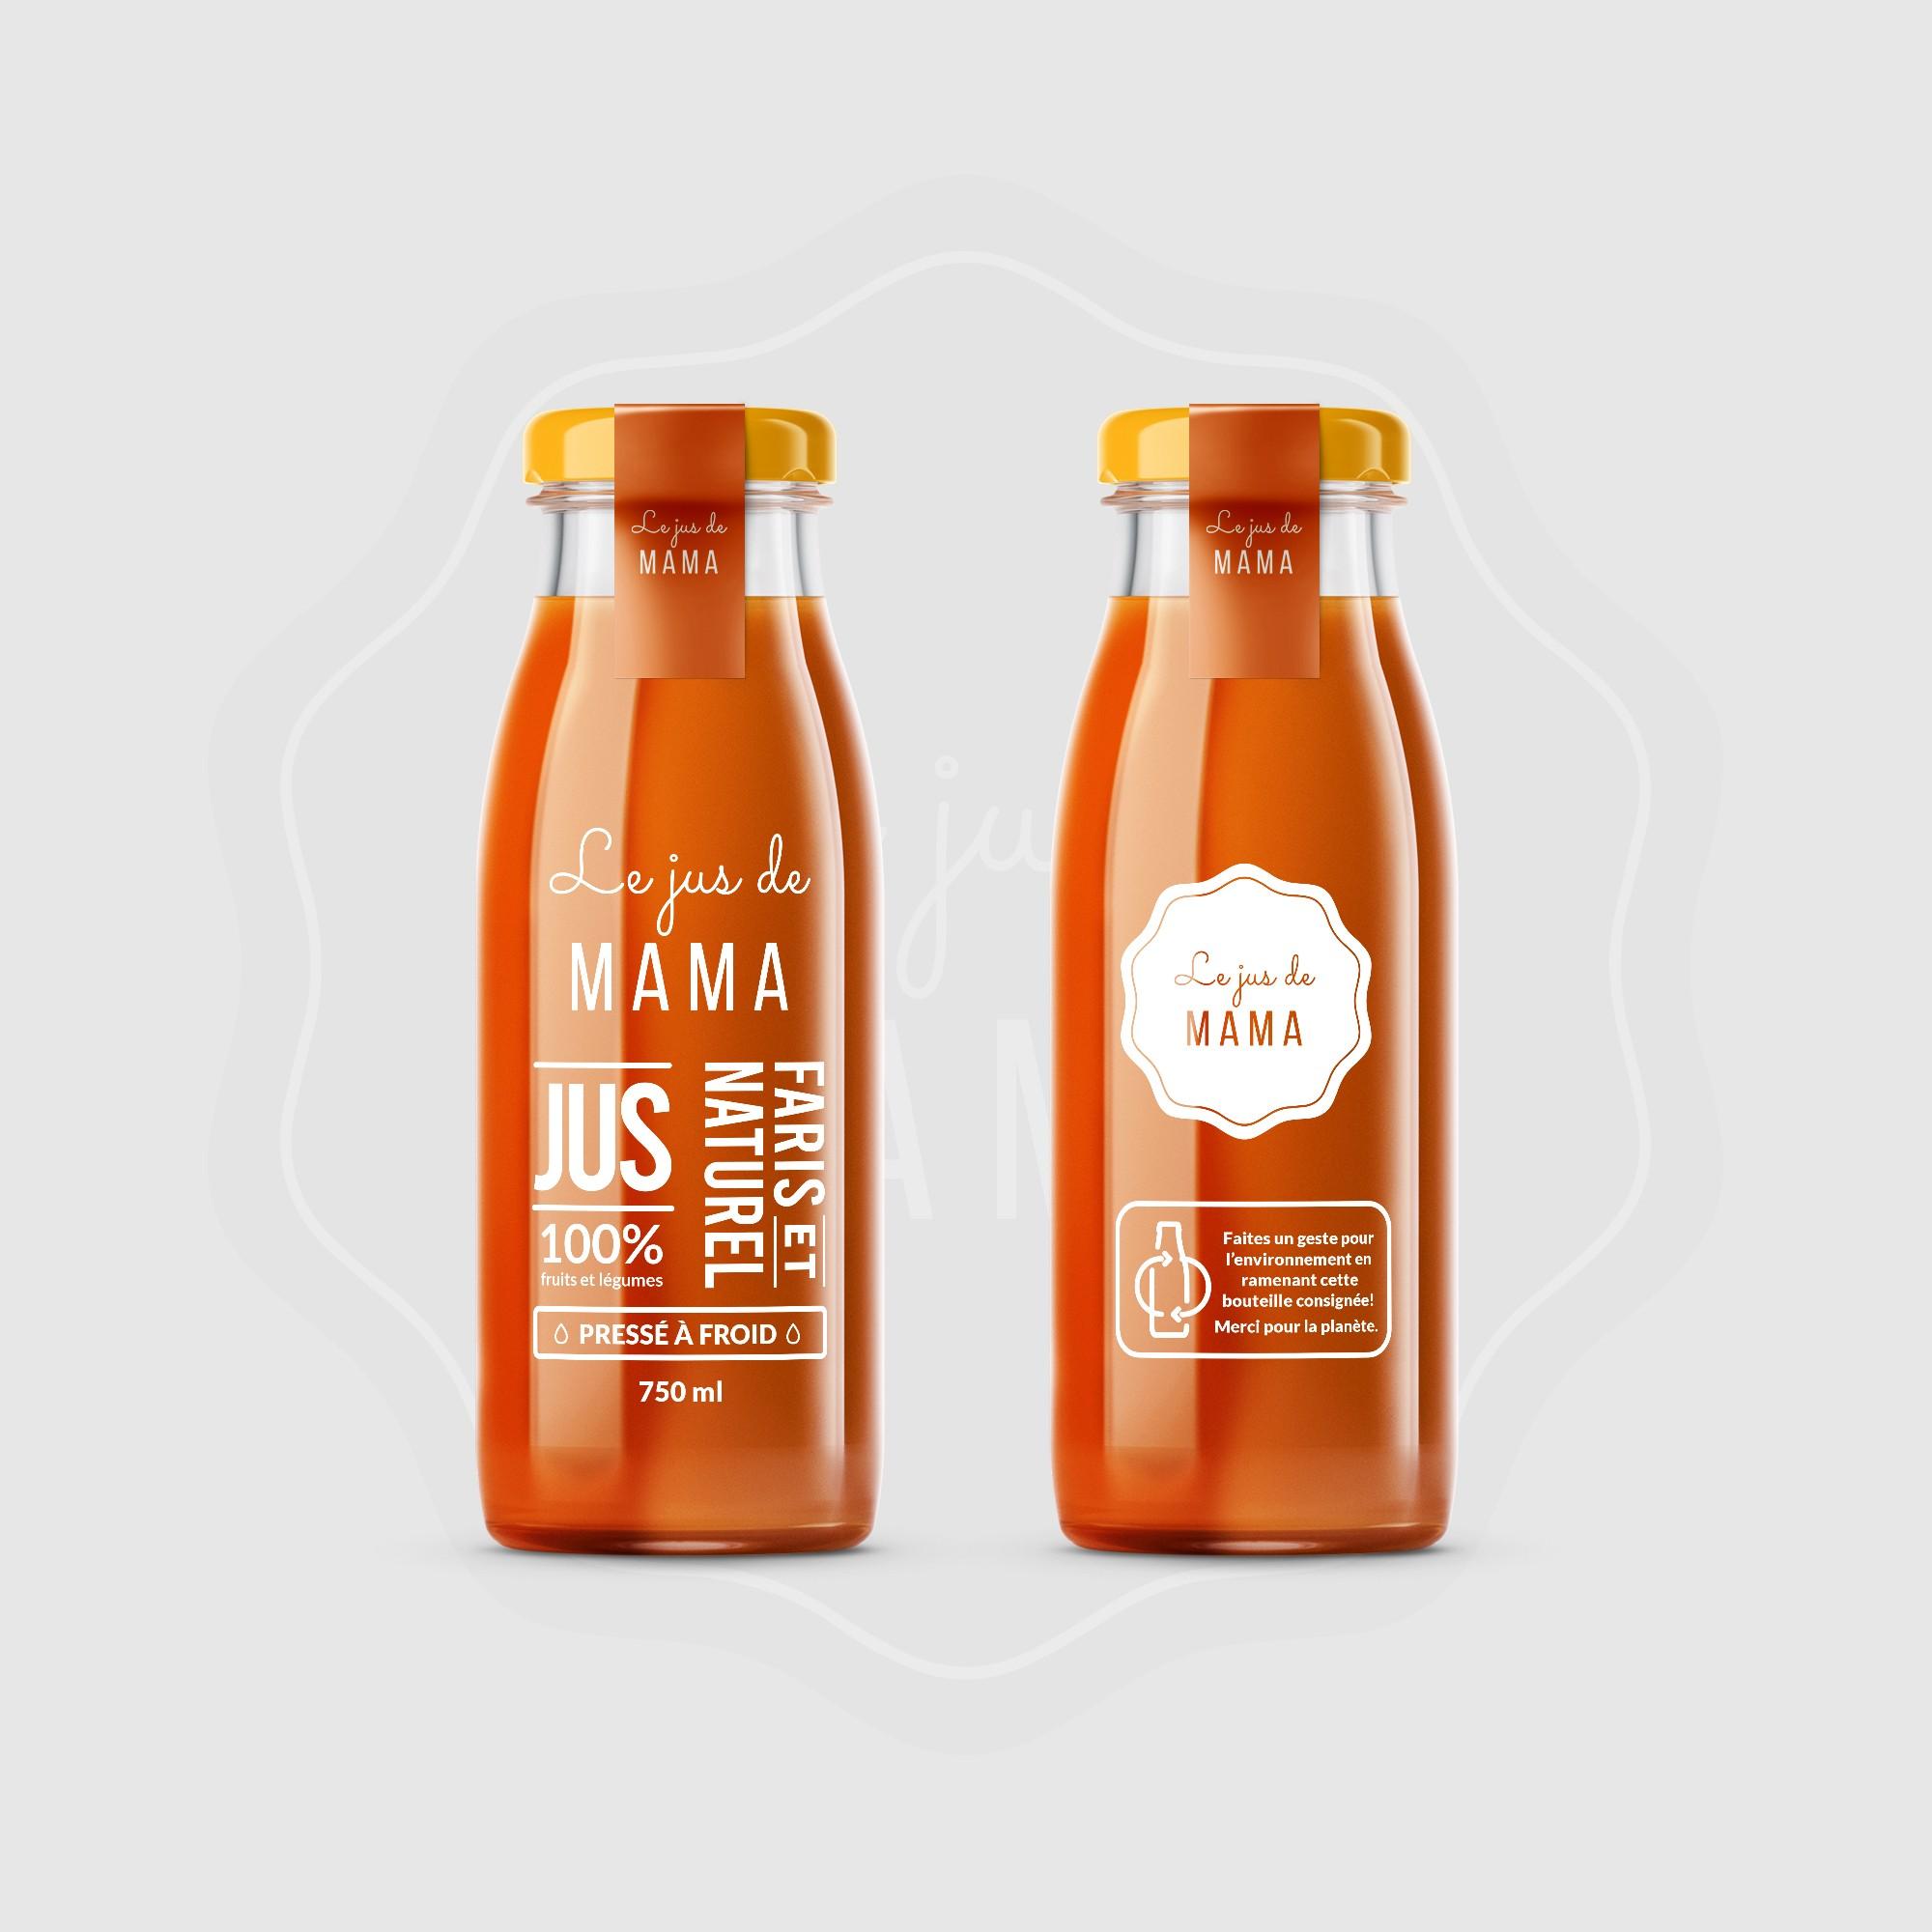 Xu hướng thiết kế bao bì 2020 ví dụ: thiết kế chai nước trái cây trong suốt